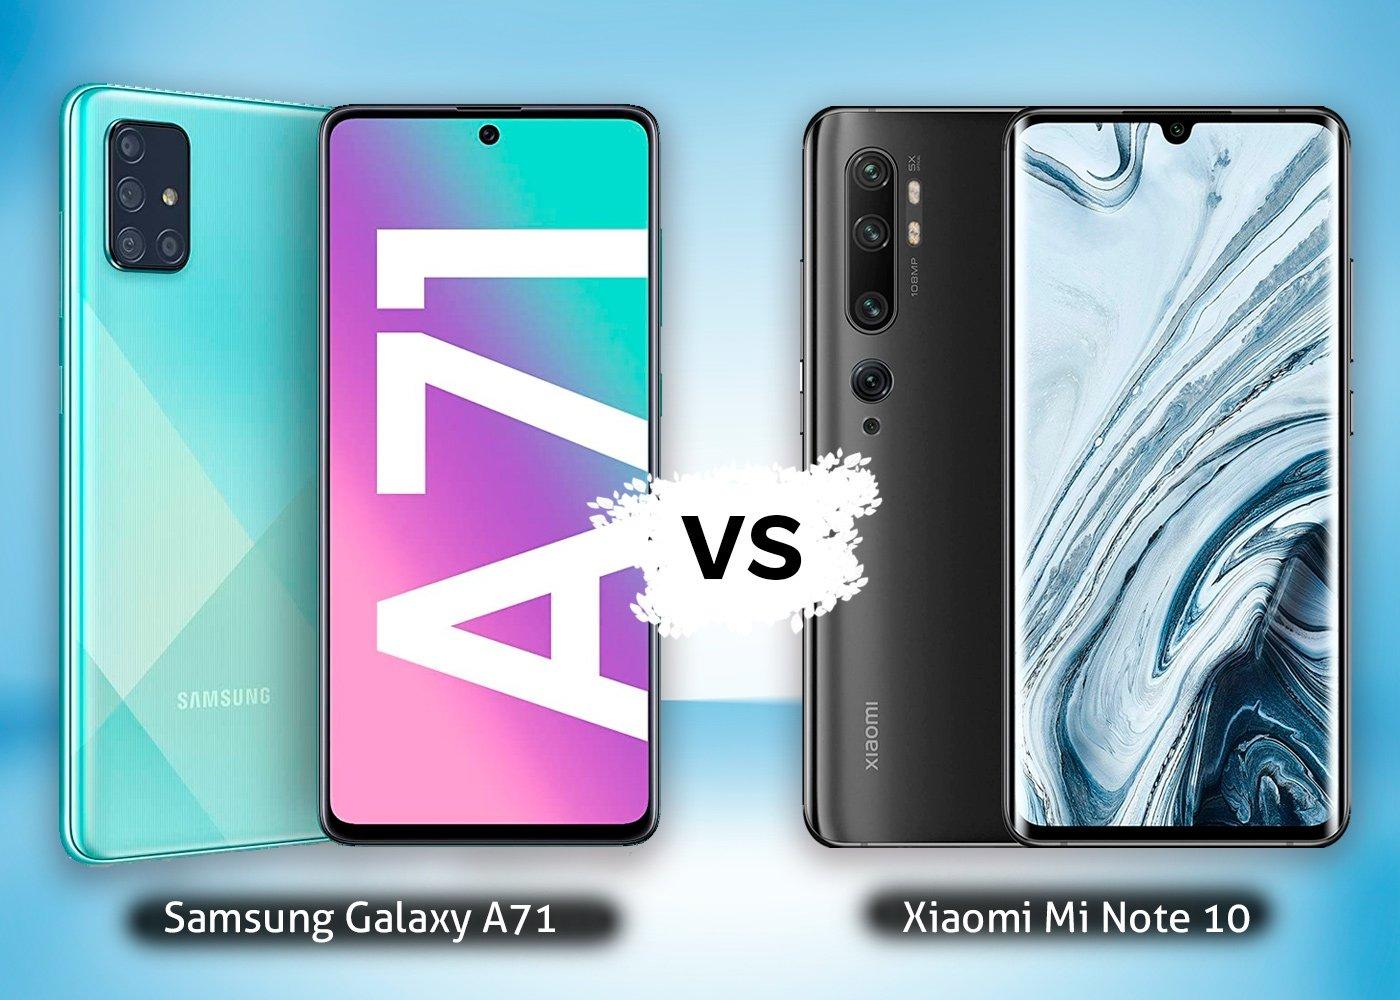 Samsung Galaxy A71 vs Xiaomi Mi Note 10, comparaison